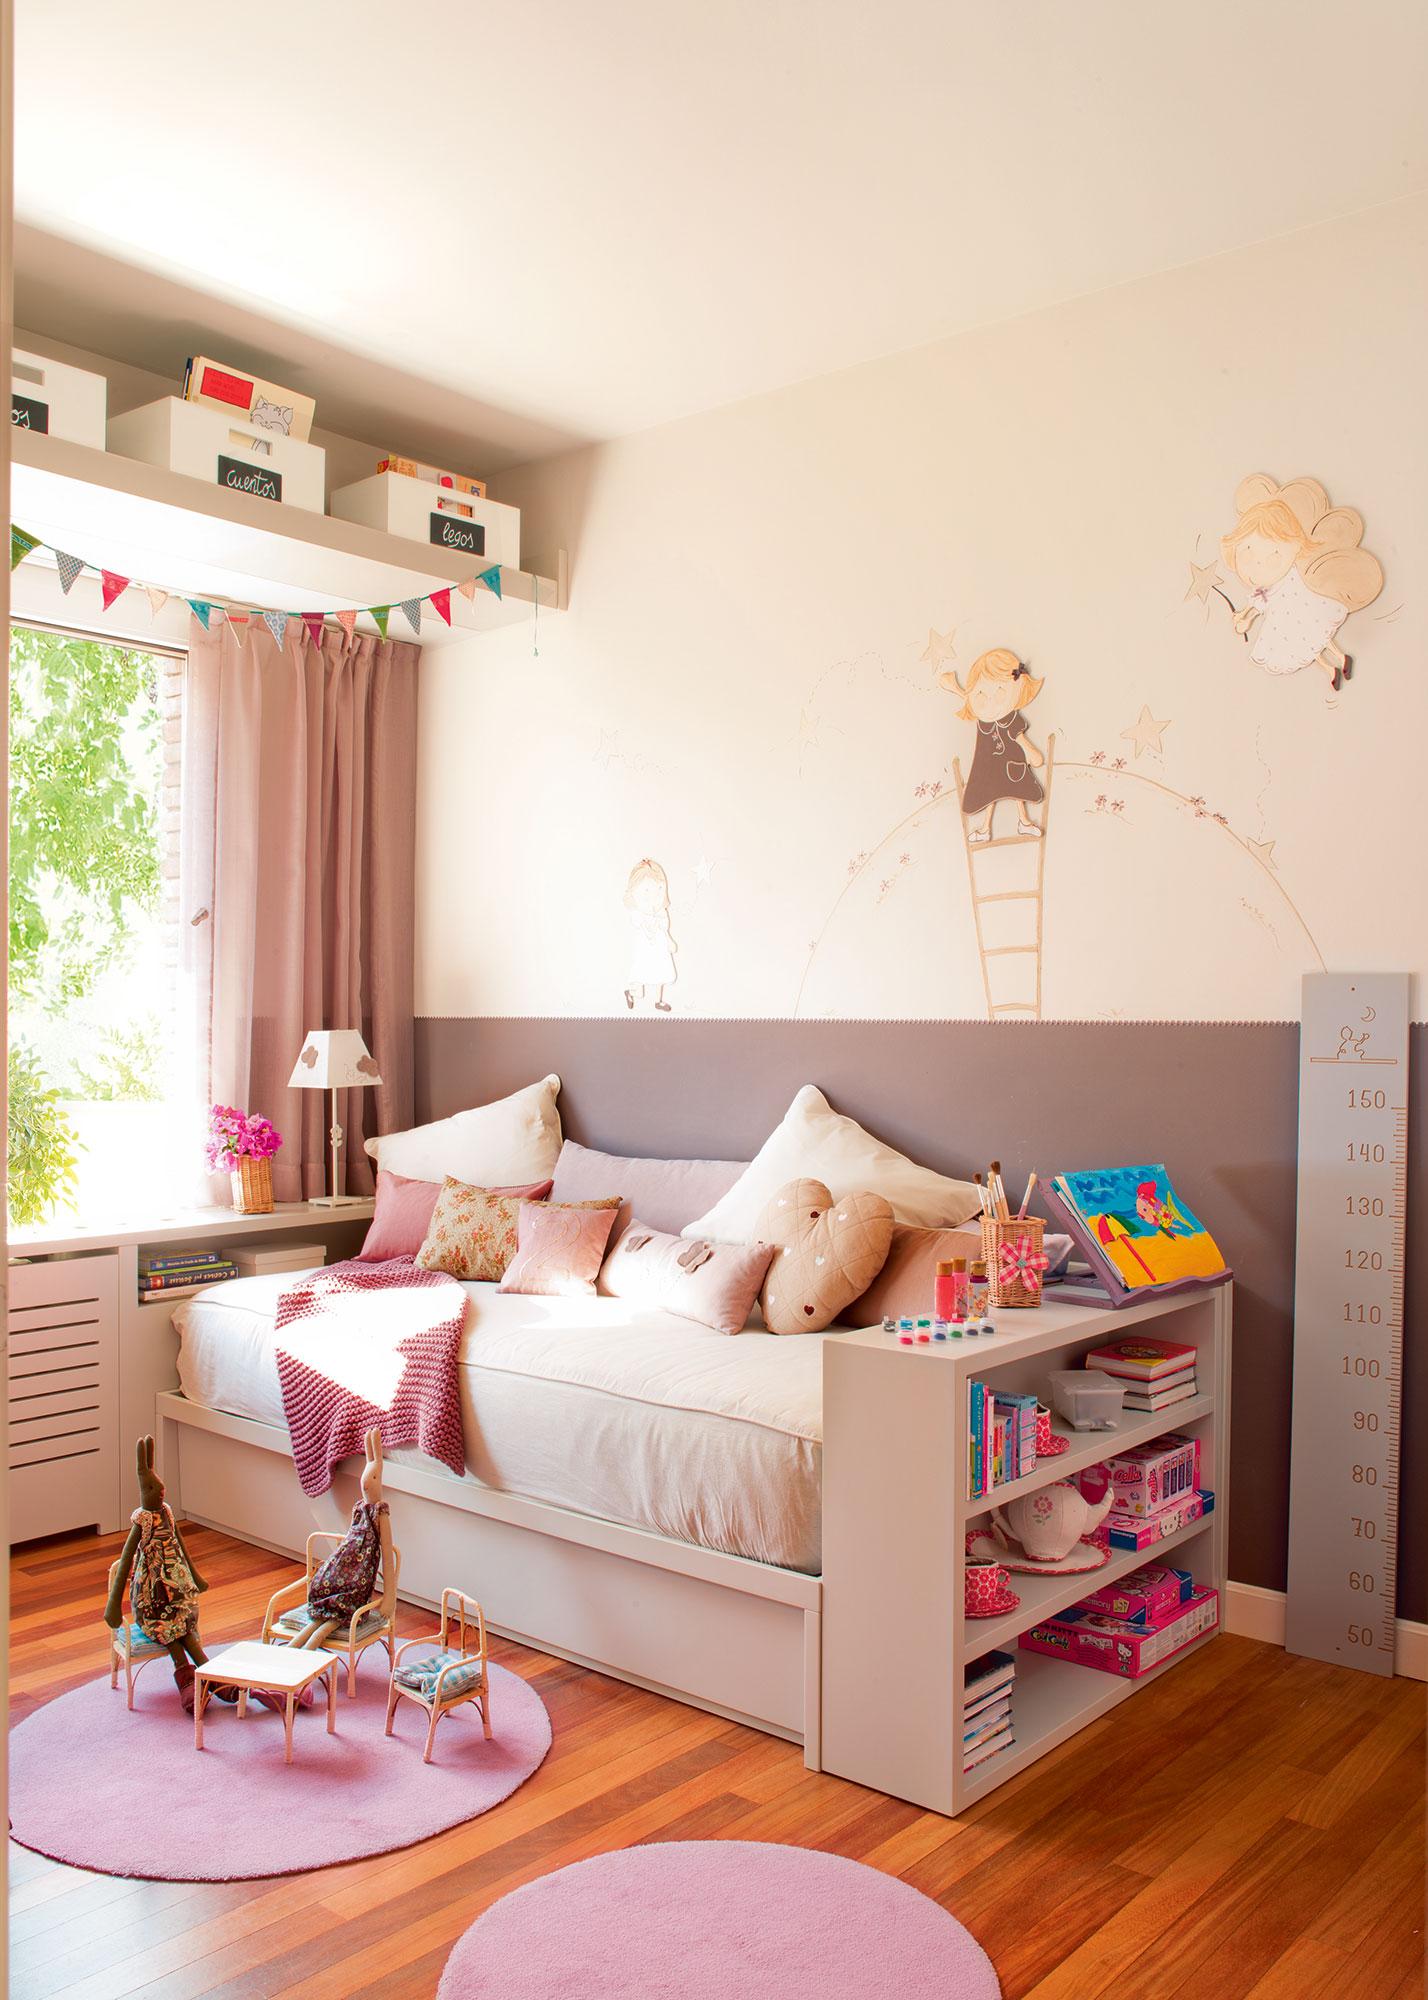 Soluciones para ordenar y guardar los juguetes - Dormitorios infantiles dos camas ...